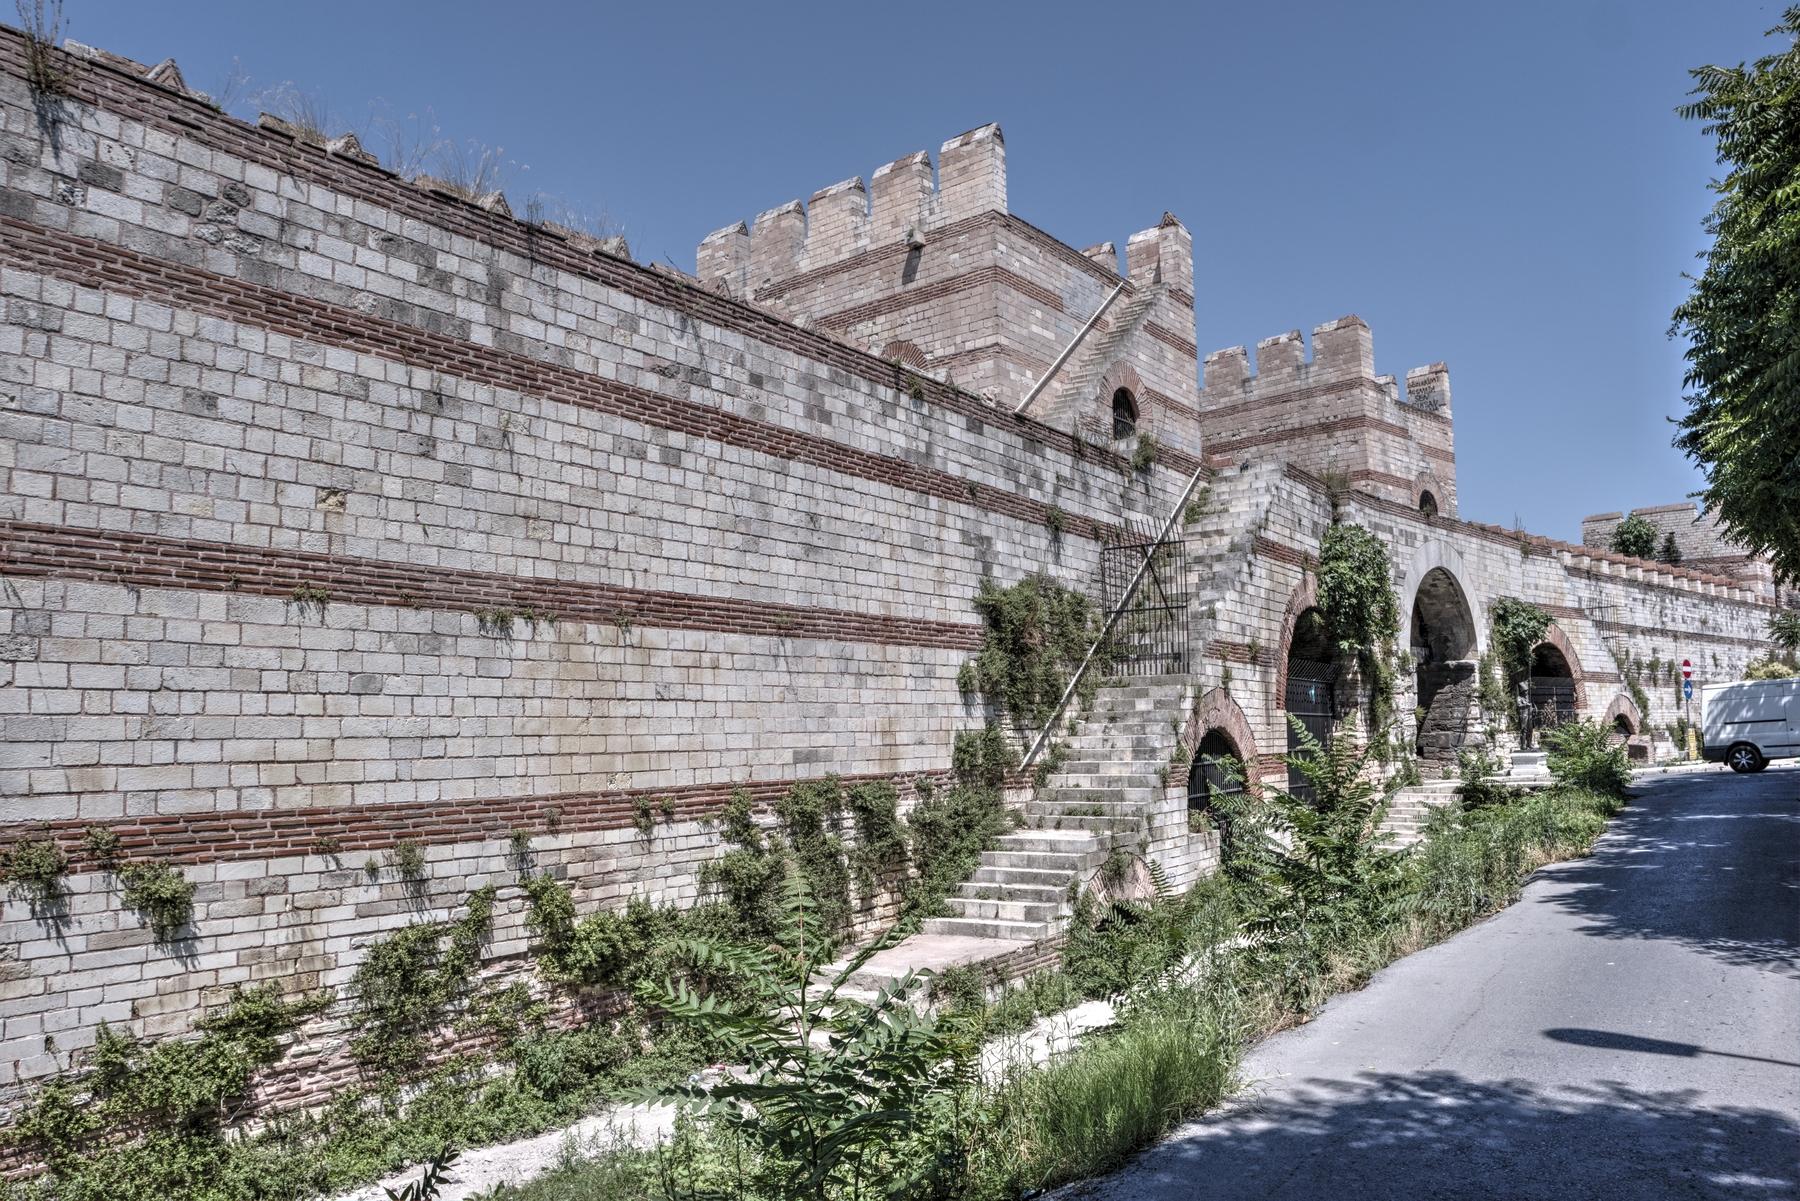 Theodosian Walls of Constantinople